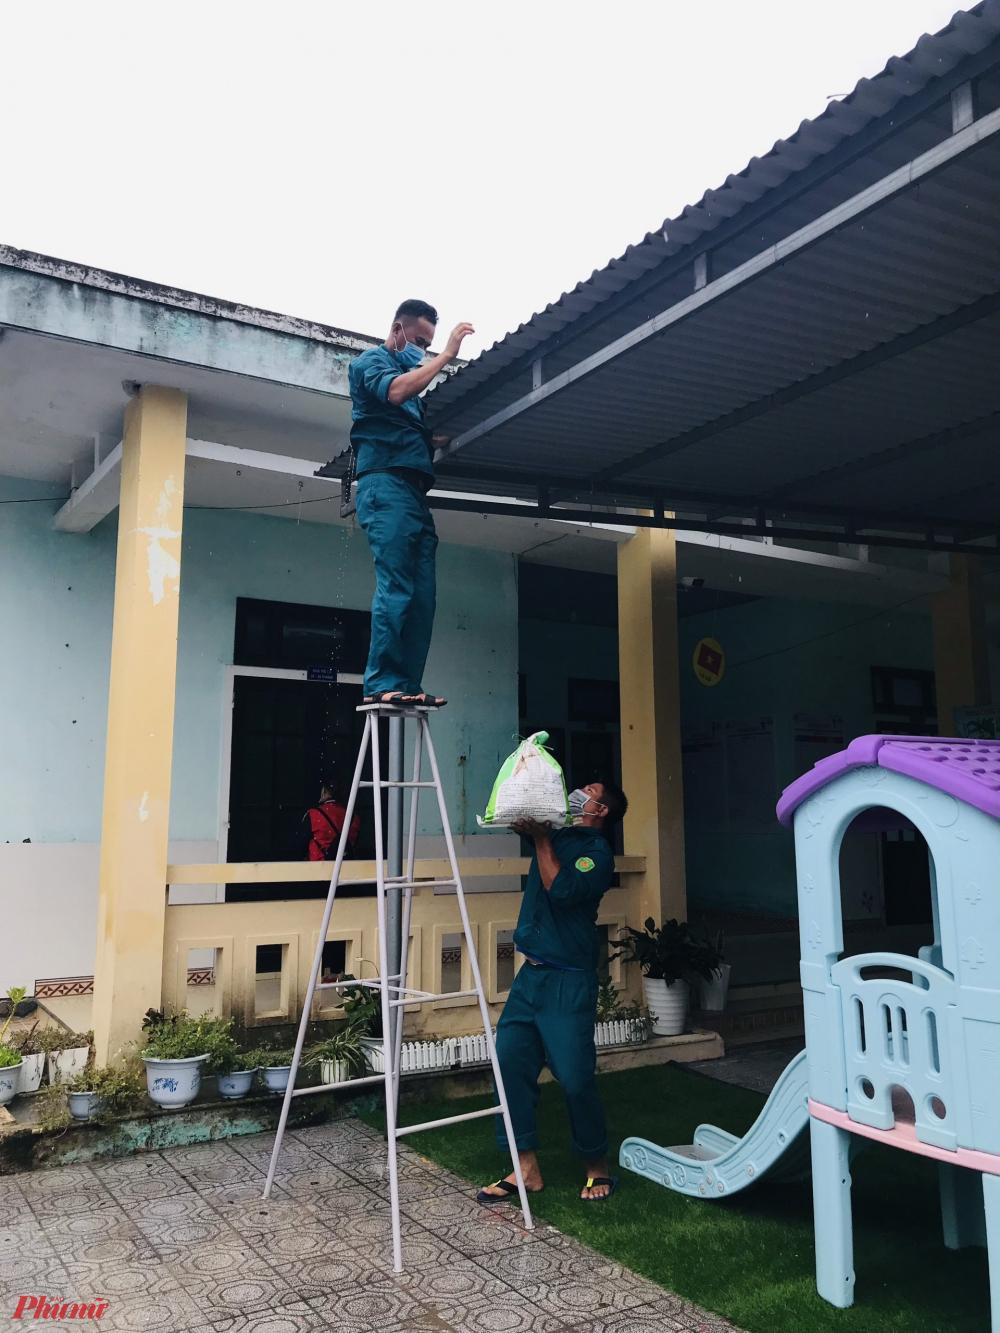 Tại những địa phương khác cũng đang gấp rút triển khai phương án di dời người dân khỏi vùng nguy hiểm; kiểm tra, có phương án bảo vệ các công trình trọng điểm